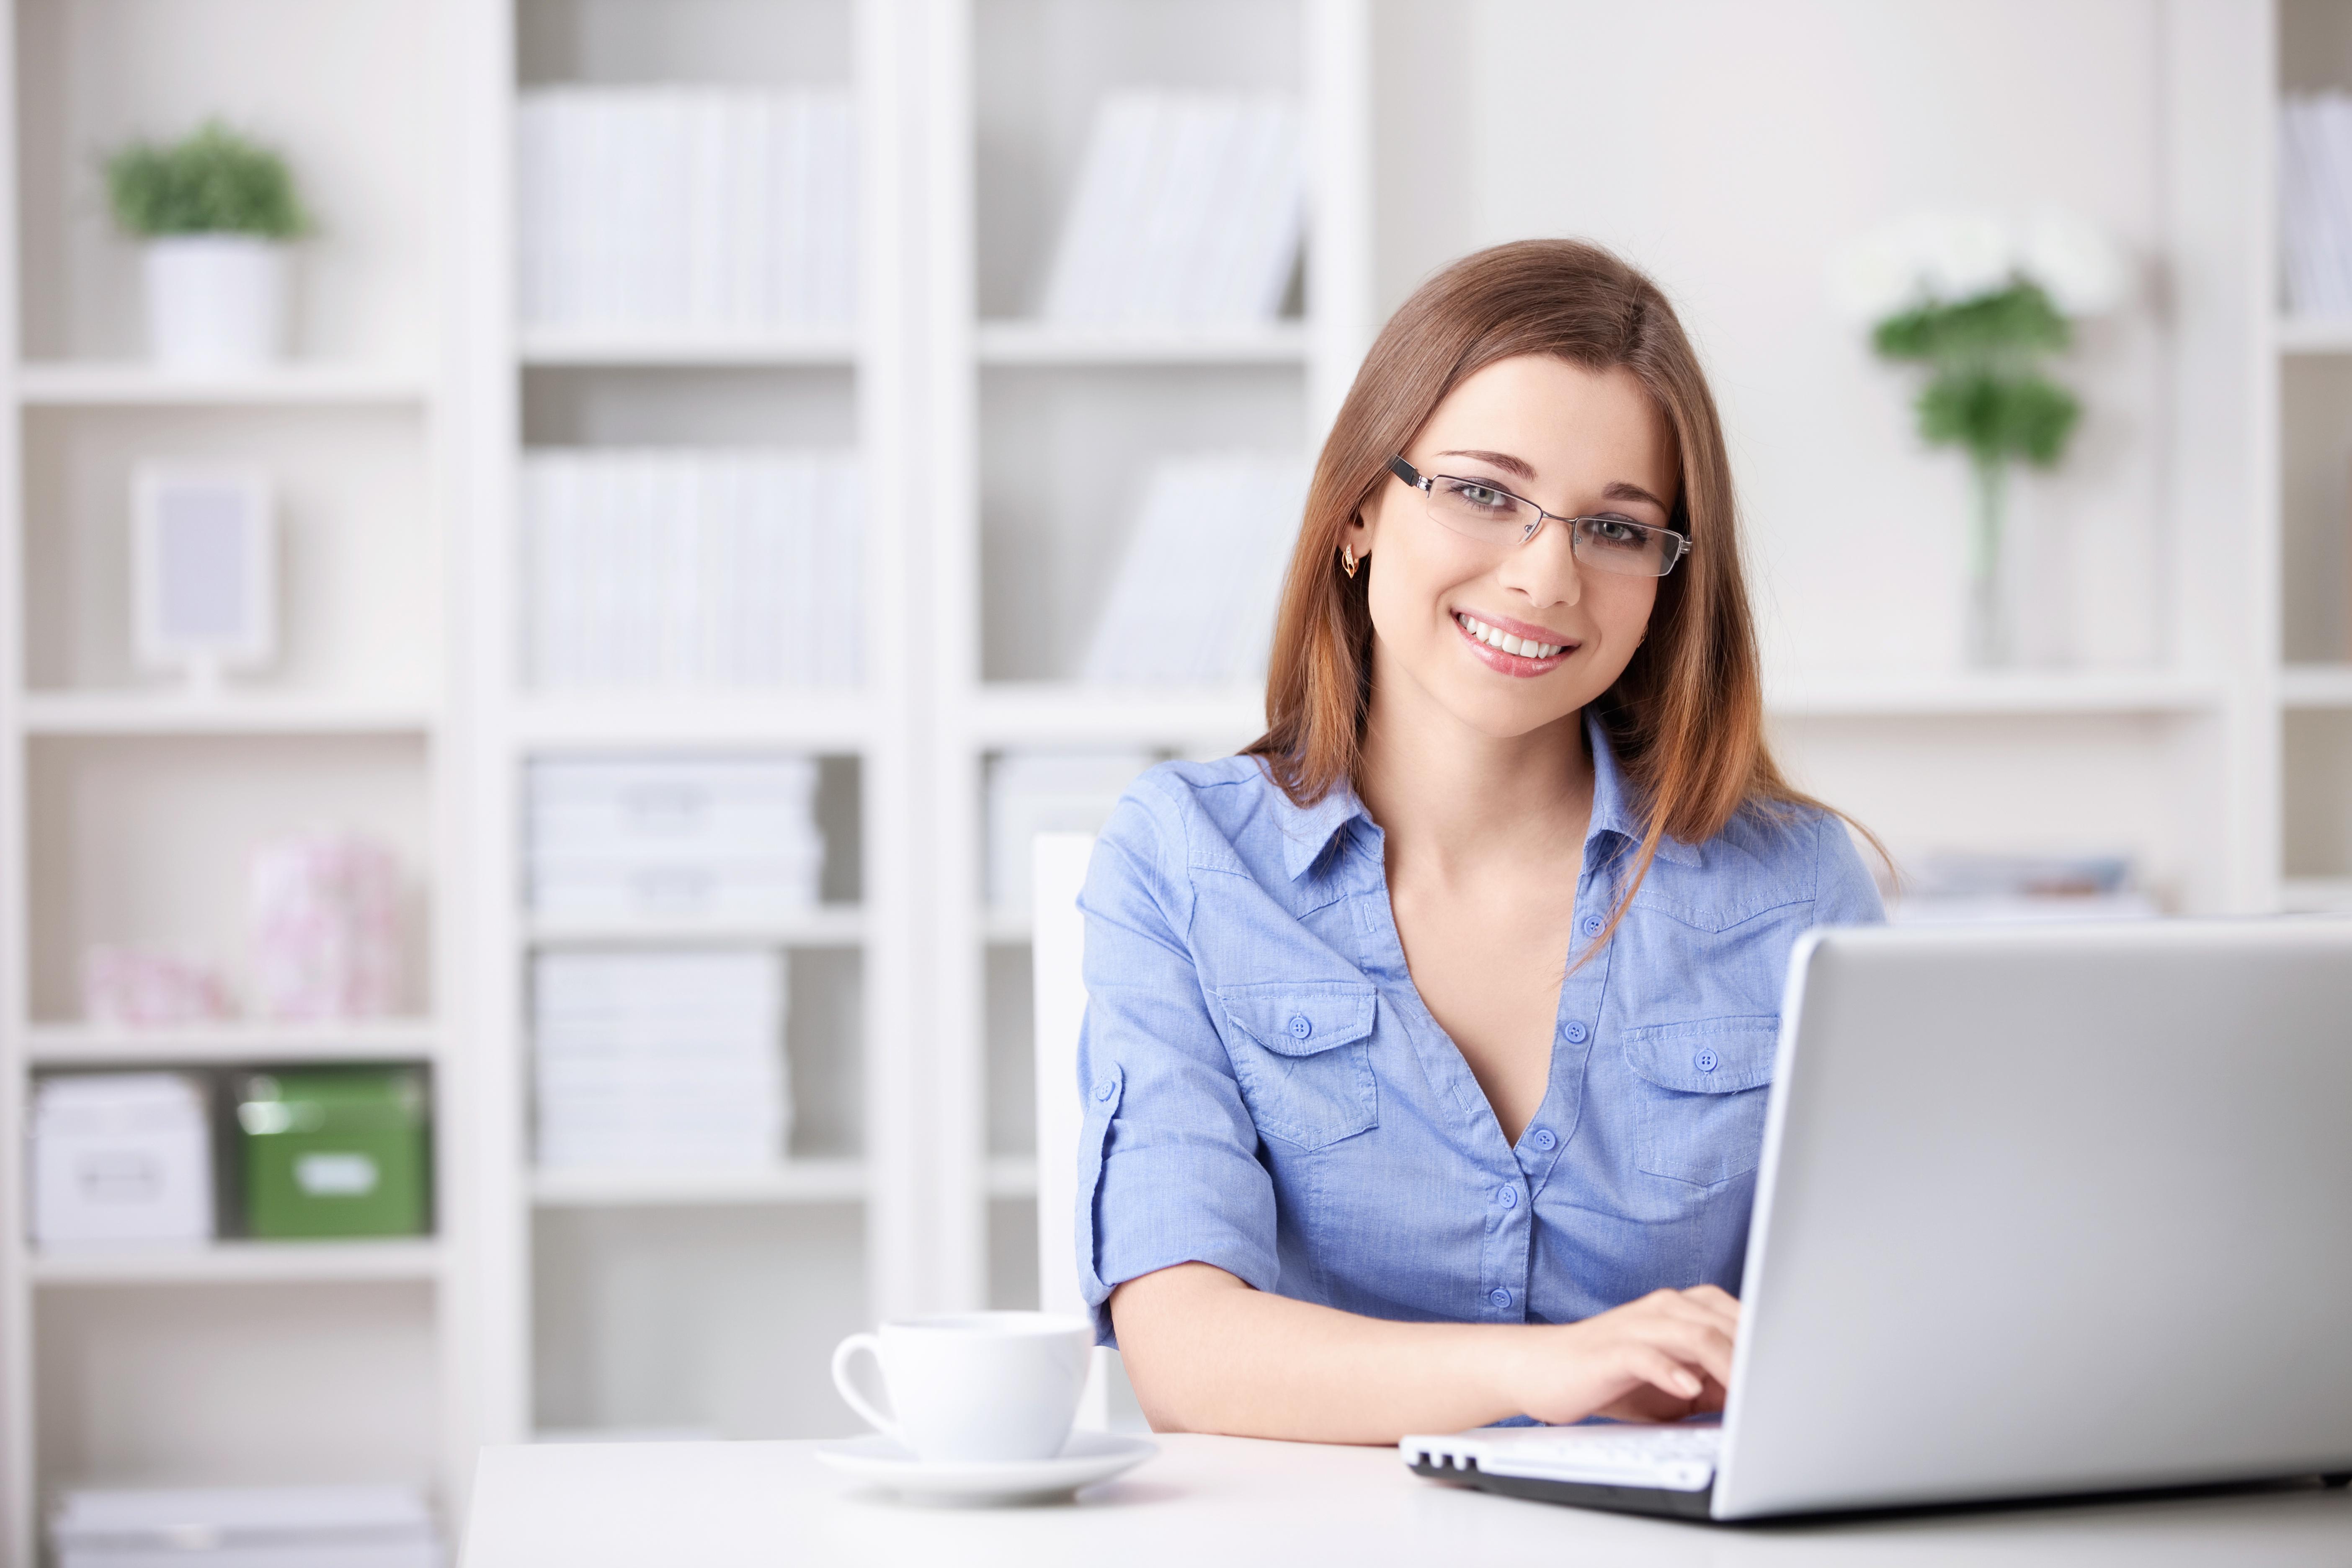 Удаленная работа экономист вакансии freelance work sites